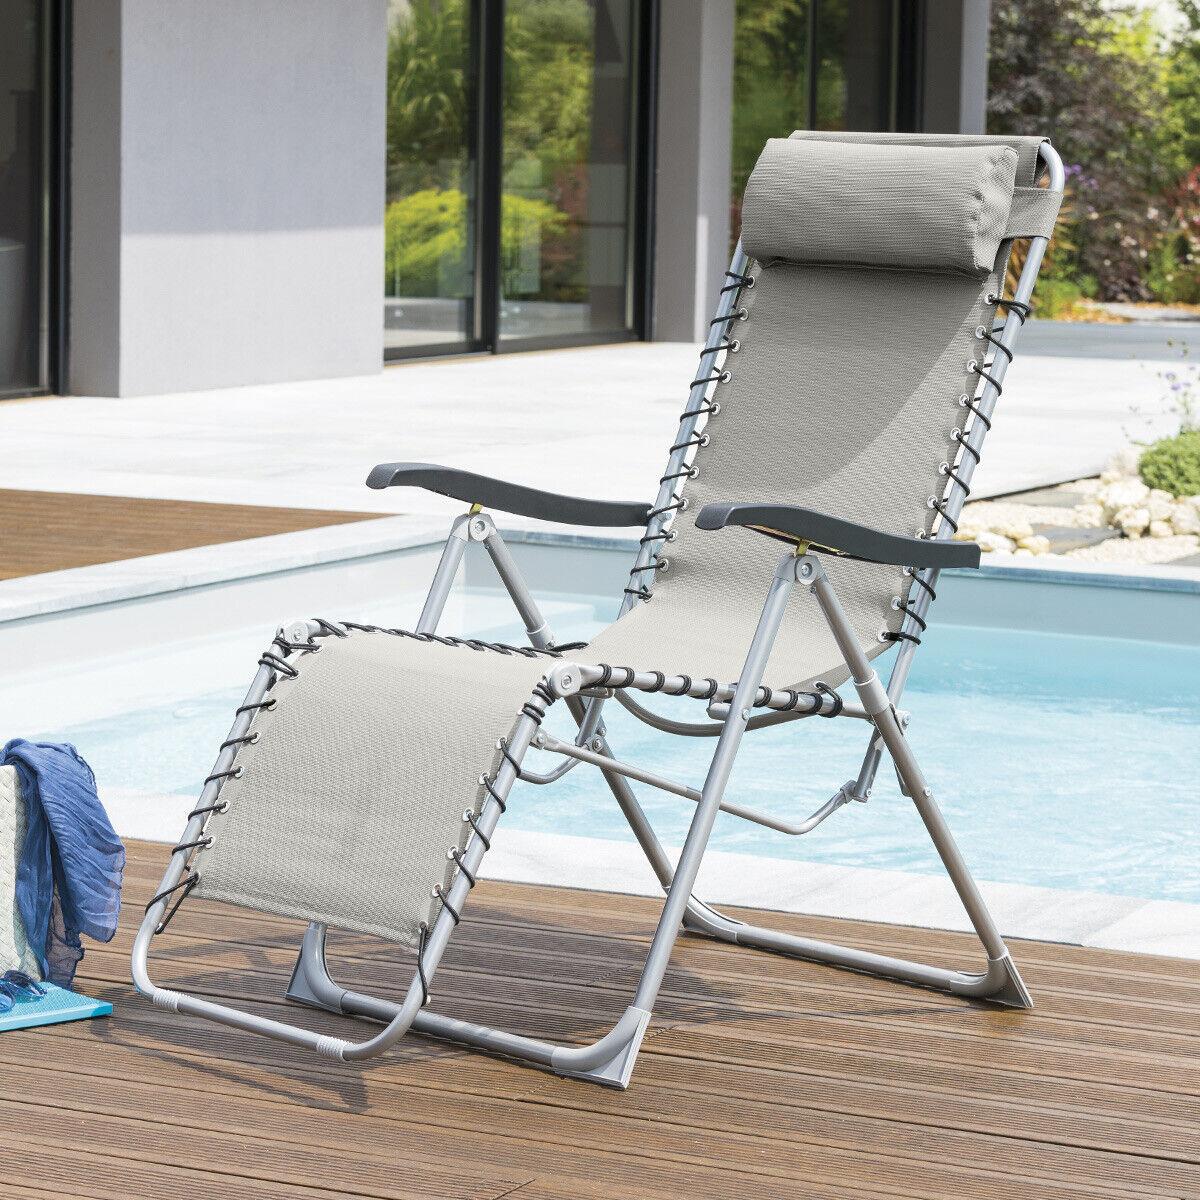 Hespéride Fauteuil relax de jardin Silos Galet 5 positions - Acier traité époxy, Texaline